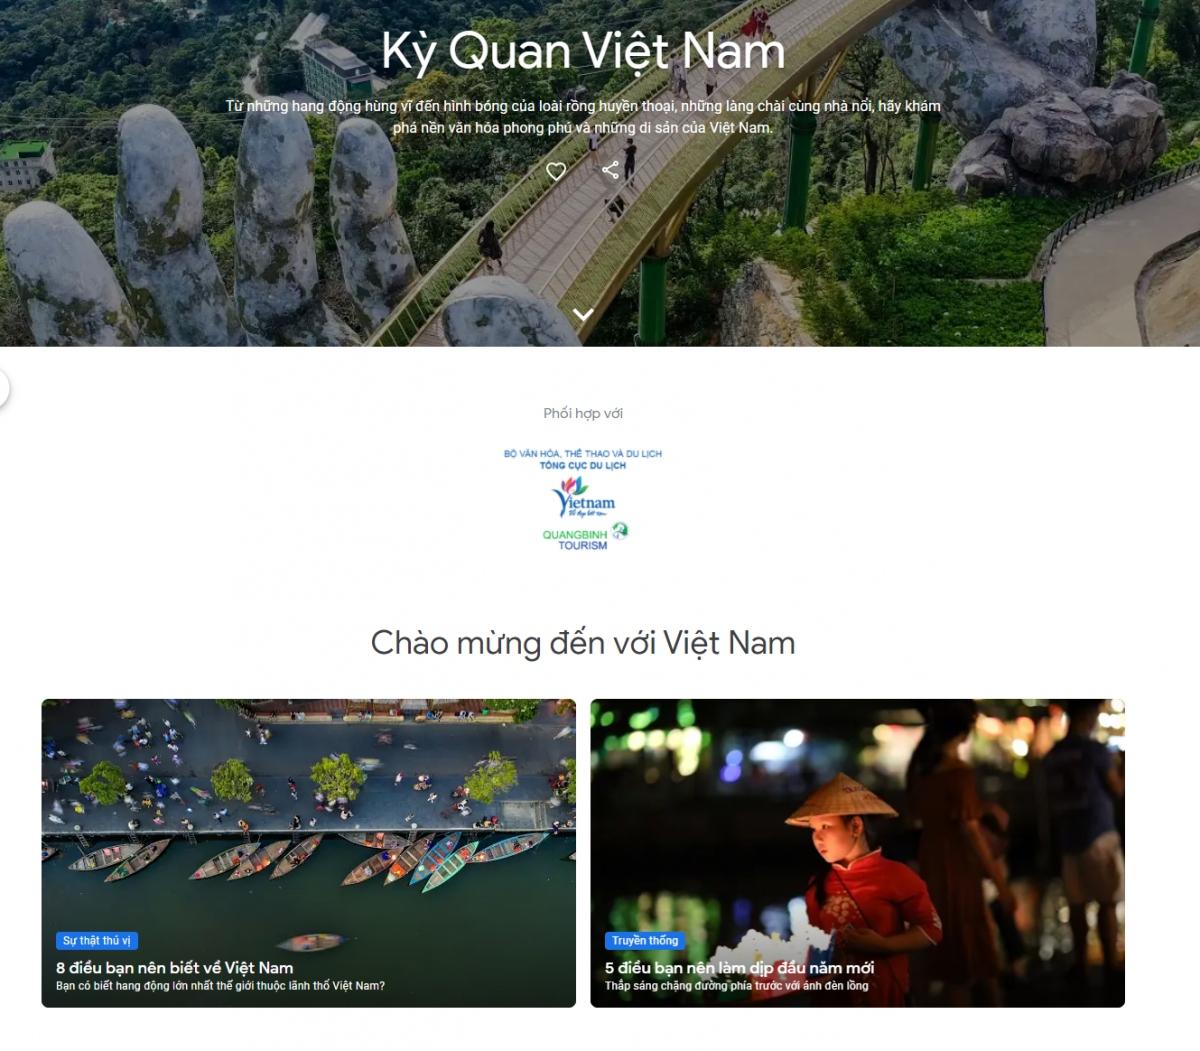 """Giao diện website dự án """"Kỳ quan Việt Nam"""". Nguồn: Google"""